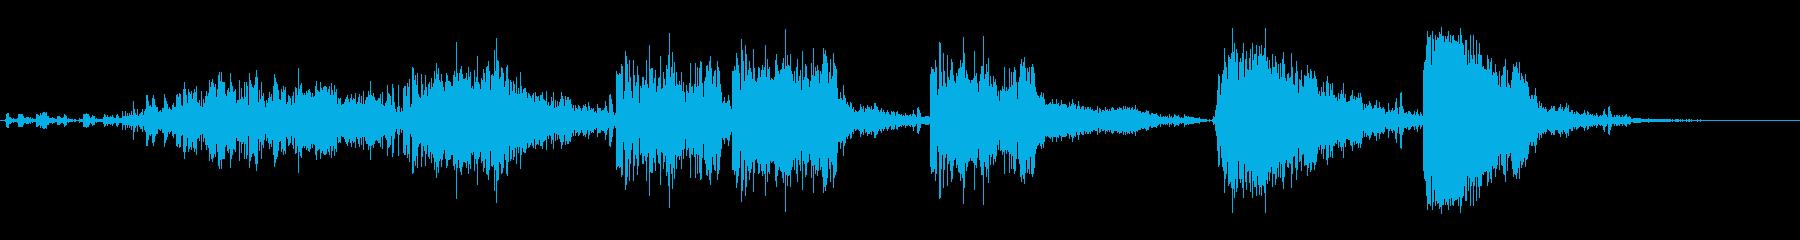 クラッシュする石柱の再生済みの波形